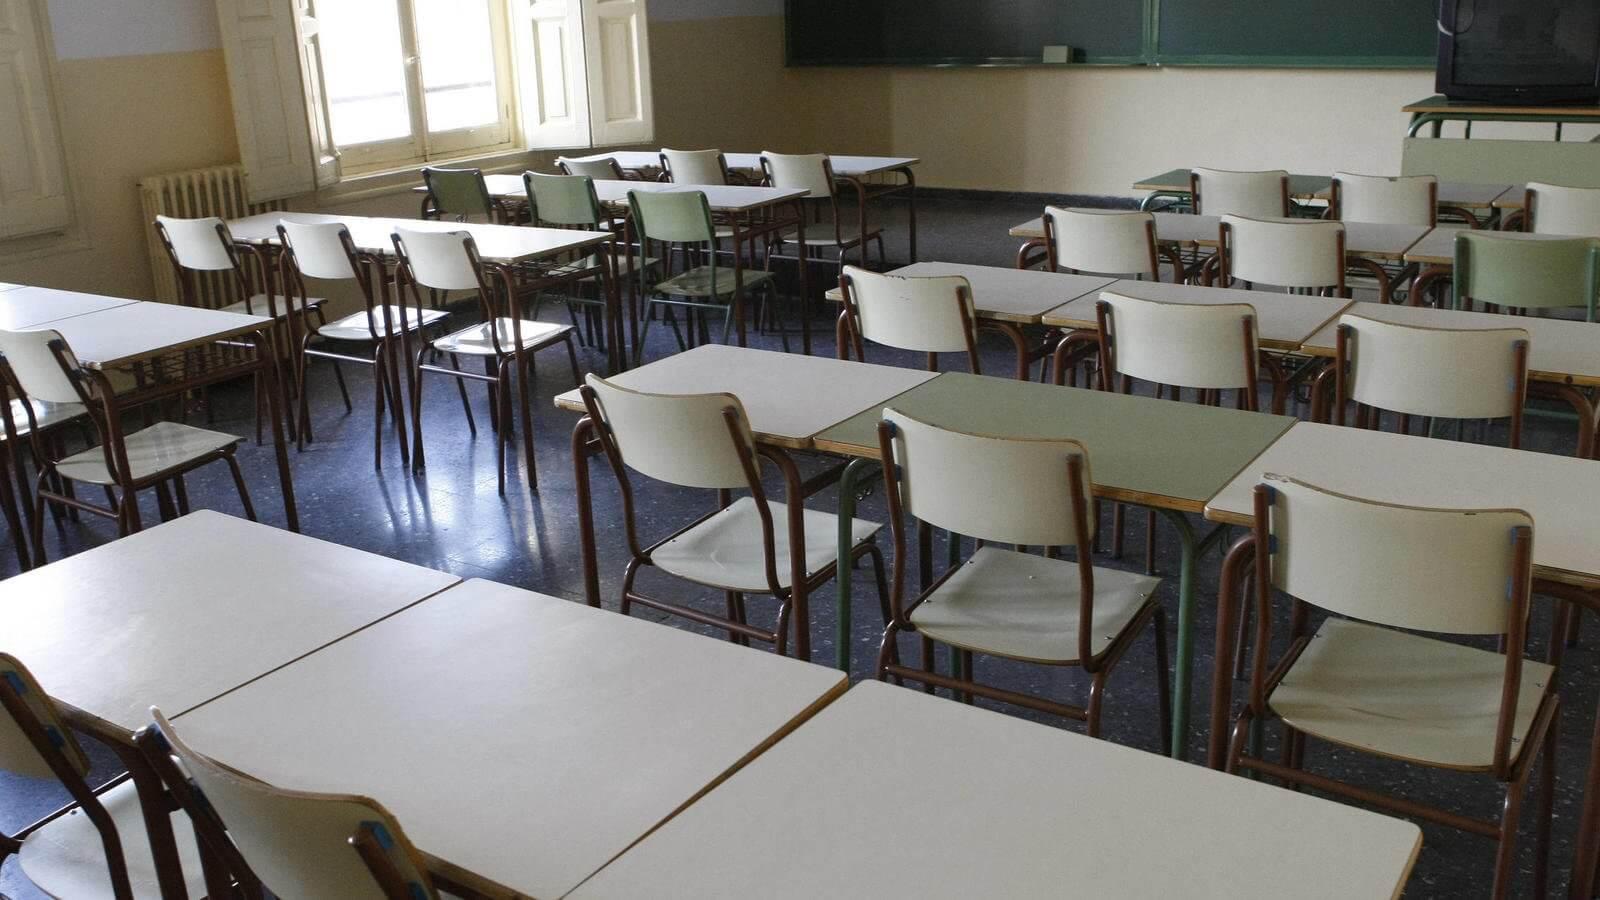 Para solucionar problema por falta de docentes, rectora le pidió a los padres retirar sus hijos del colegio